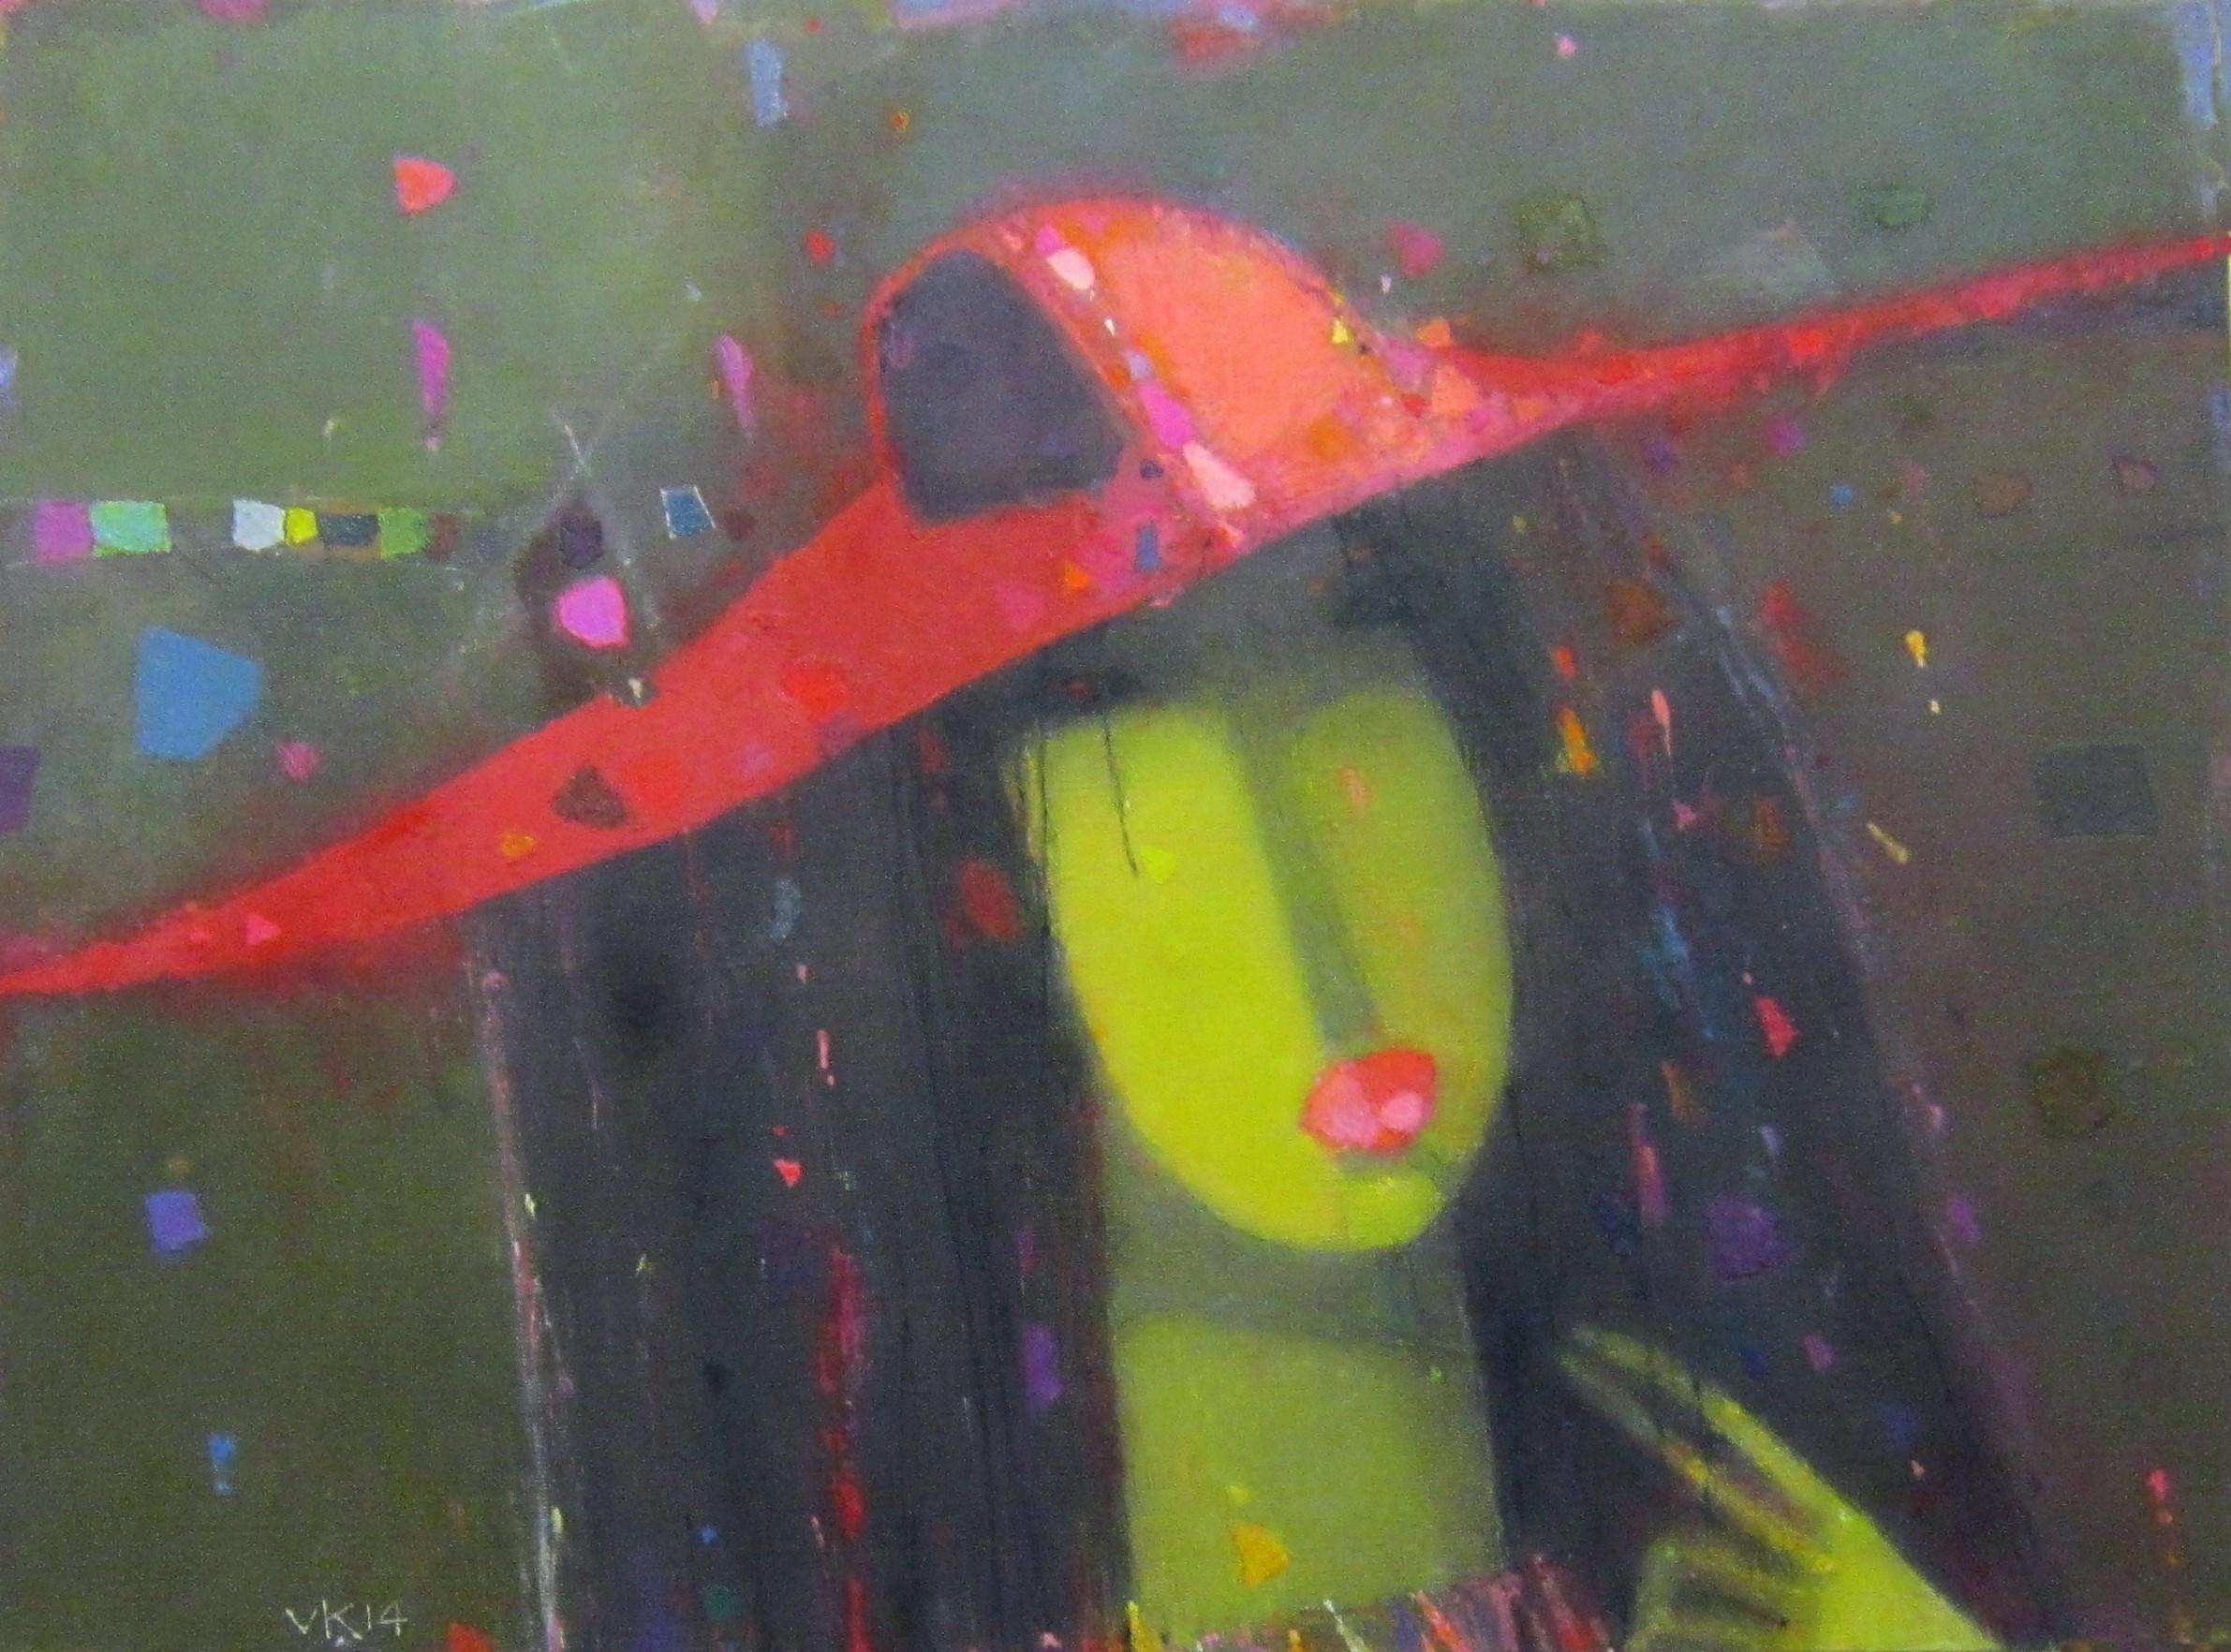 Владимир Андреевич Карначёв (род. в 1953 году). Красная шляпа. 2014 год.